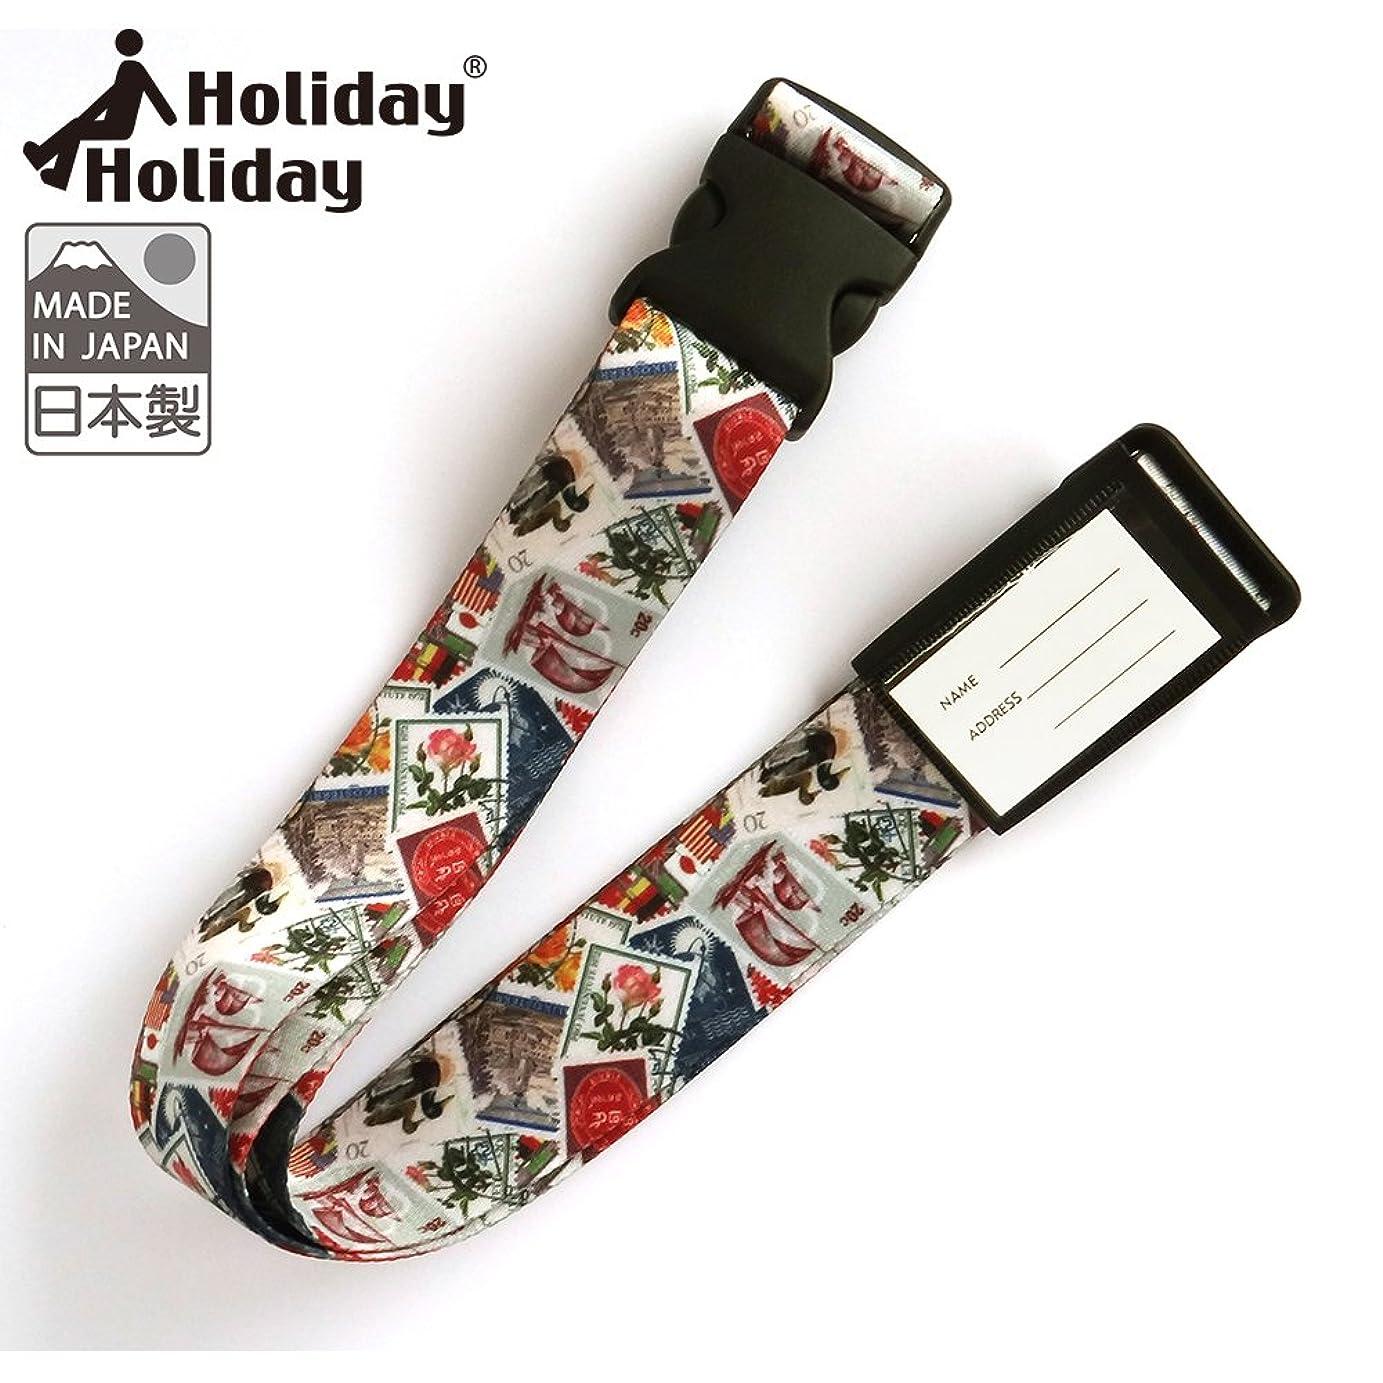 ぺディカブフィルタ耐えるワンタッチ スーツケースベルト 日本製 (ネーム タグ 付き) 切手